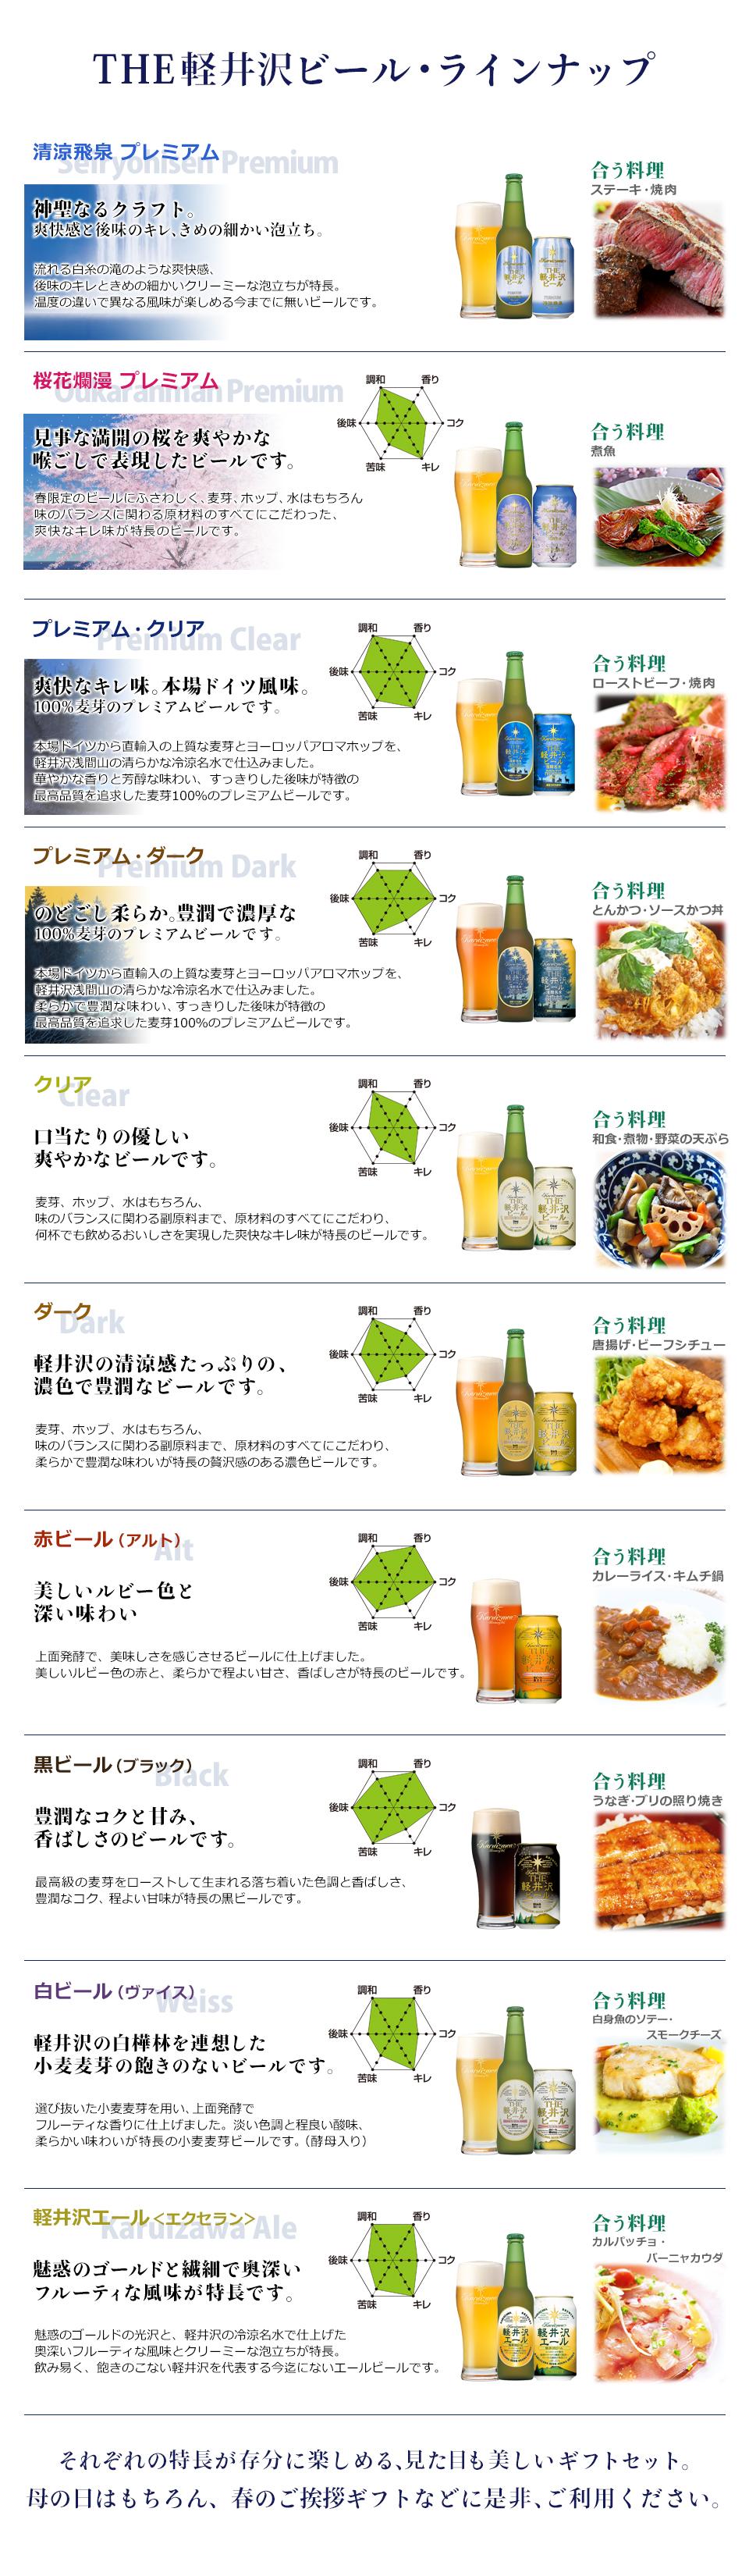 THE軽井沢ビール・ラインナップ